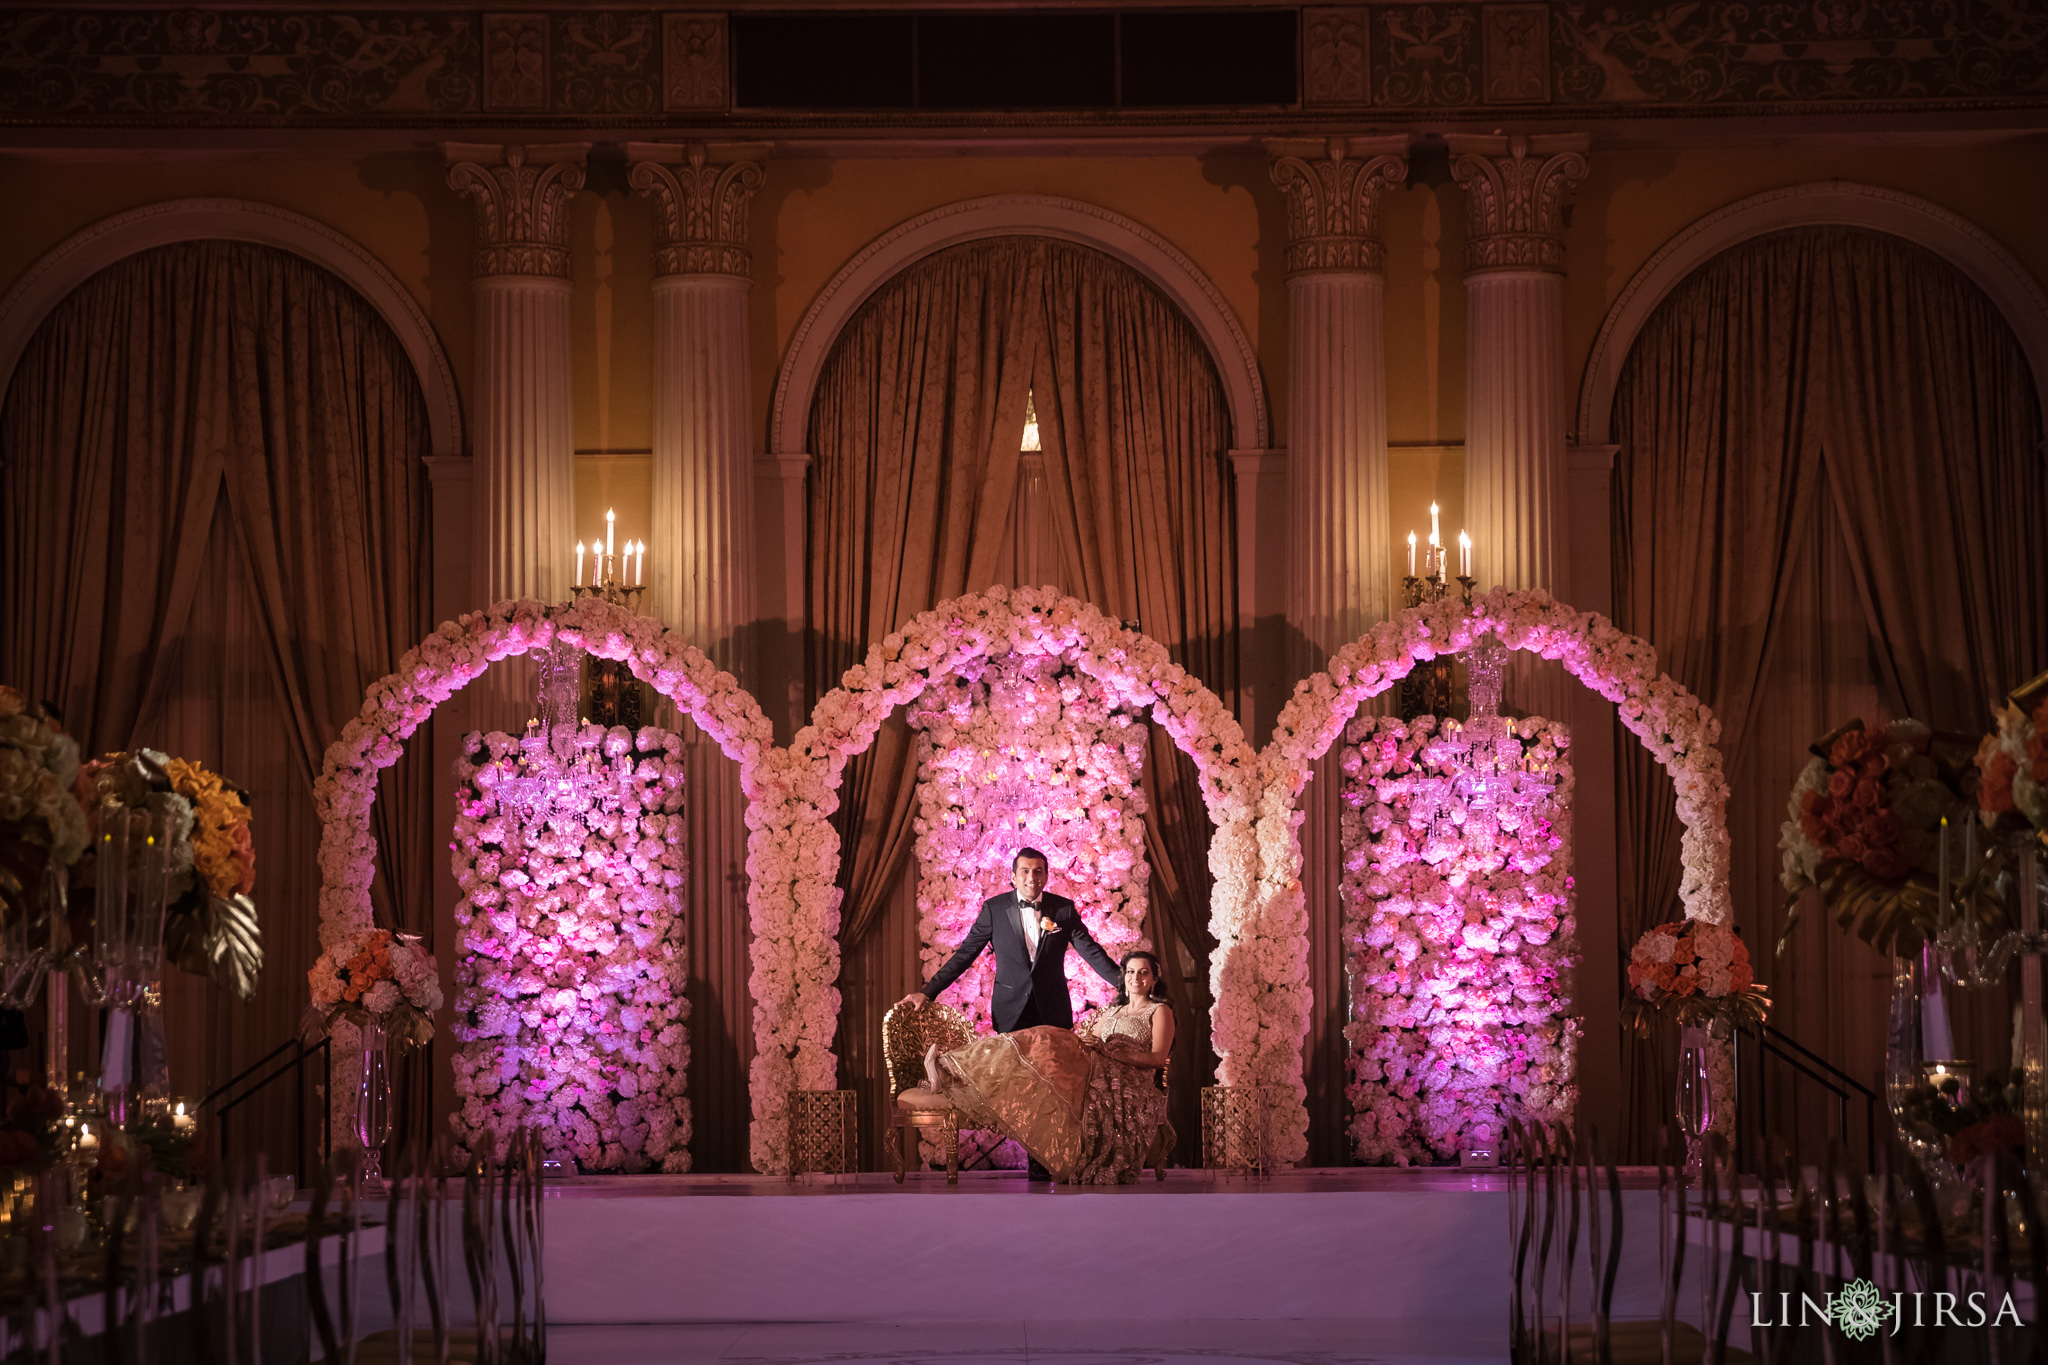 27-biltmore-hotel-los-angeles-wedding-reception-photography